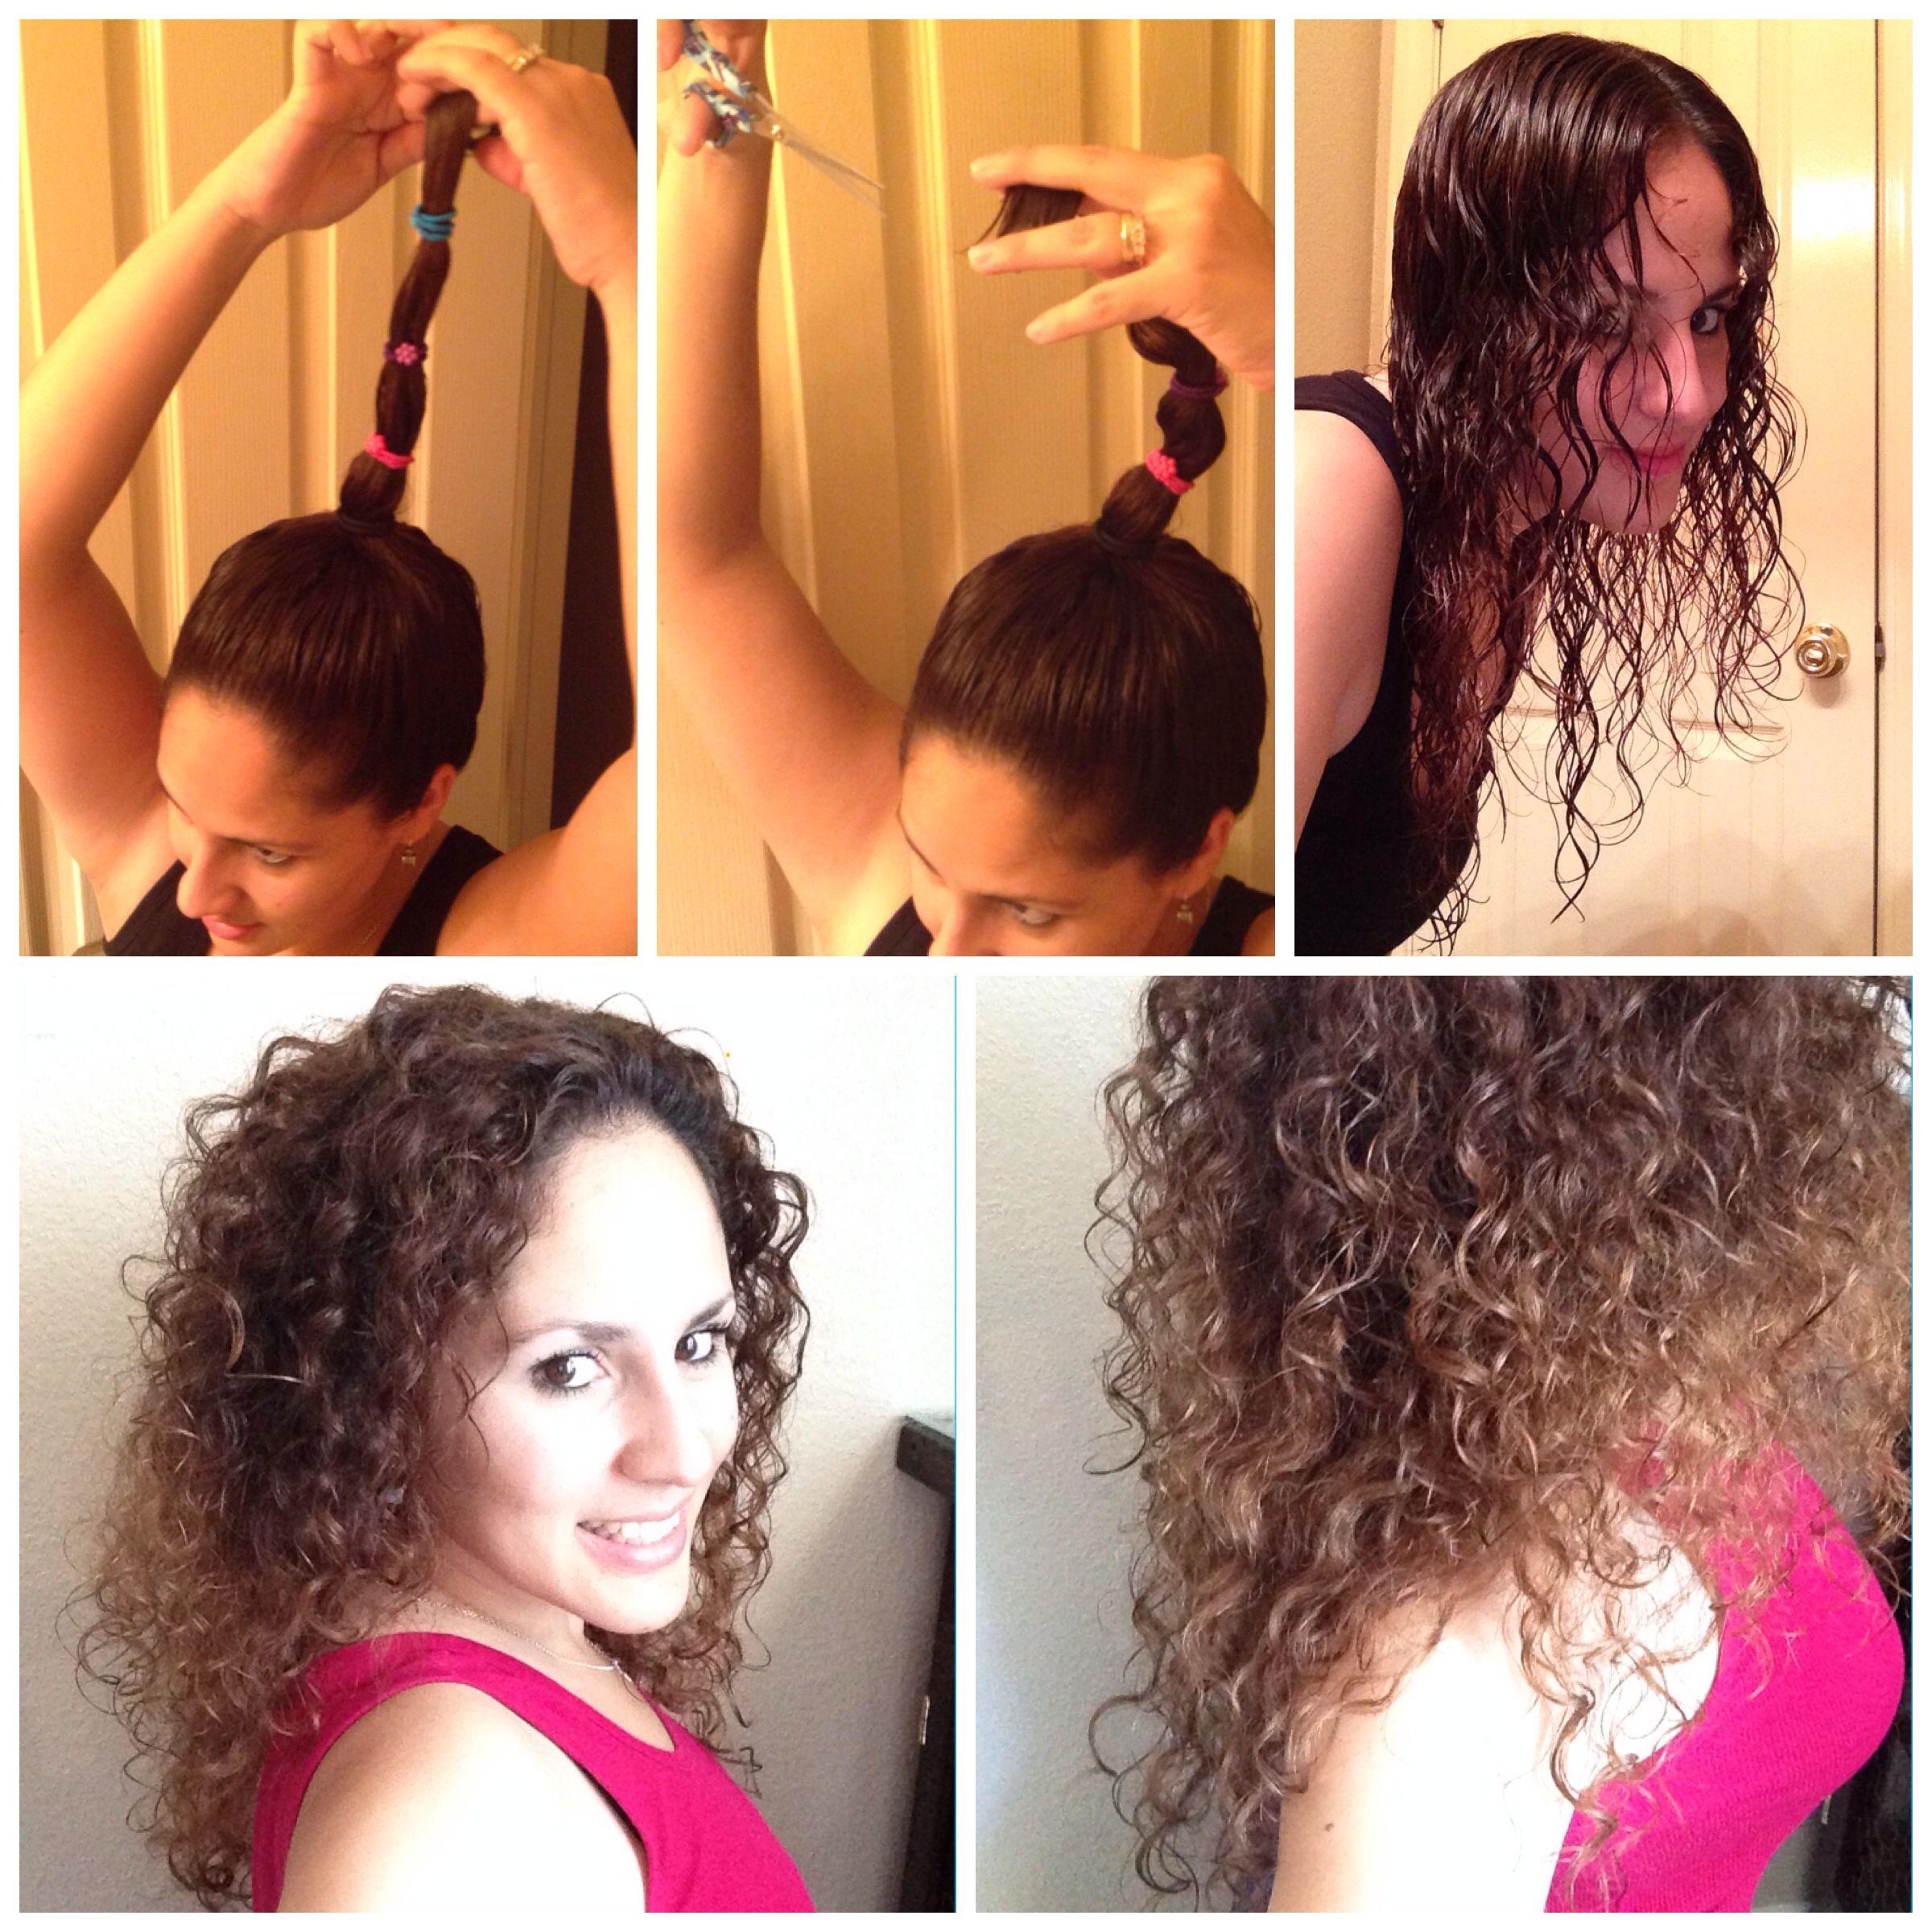 Como cortar tu cabello en capas/ How to layer your own hair. Con tu cabello recien lavado y con acondicionador, has una coleta alta, tan alta sea, mas capas largas. Ajustala con varias ligas, sosten firme y has un corte recto. Al soltarlo veras como queda escalonado. Deja secar y disfruta!